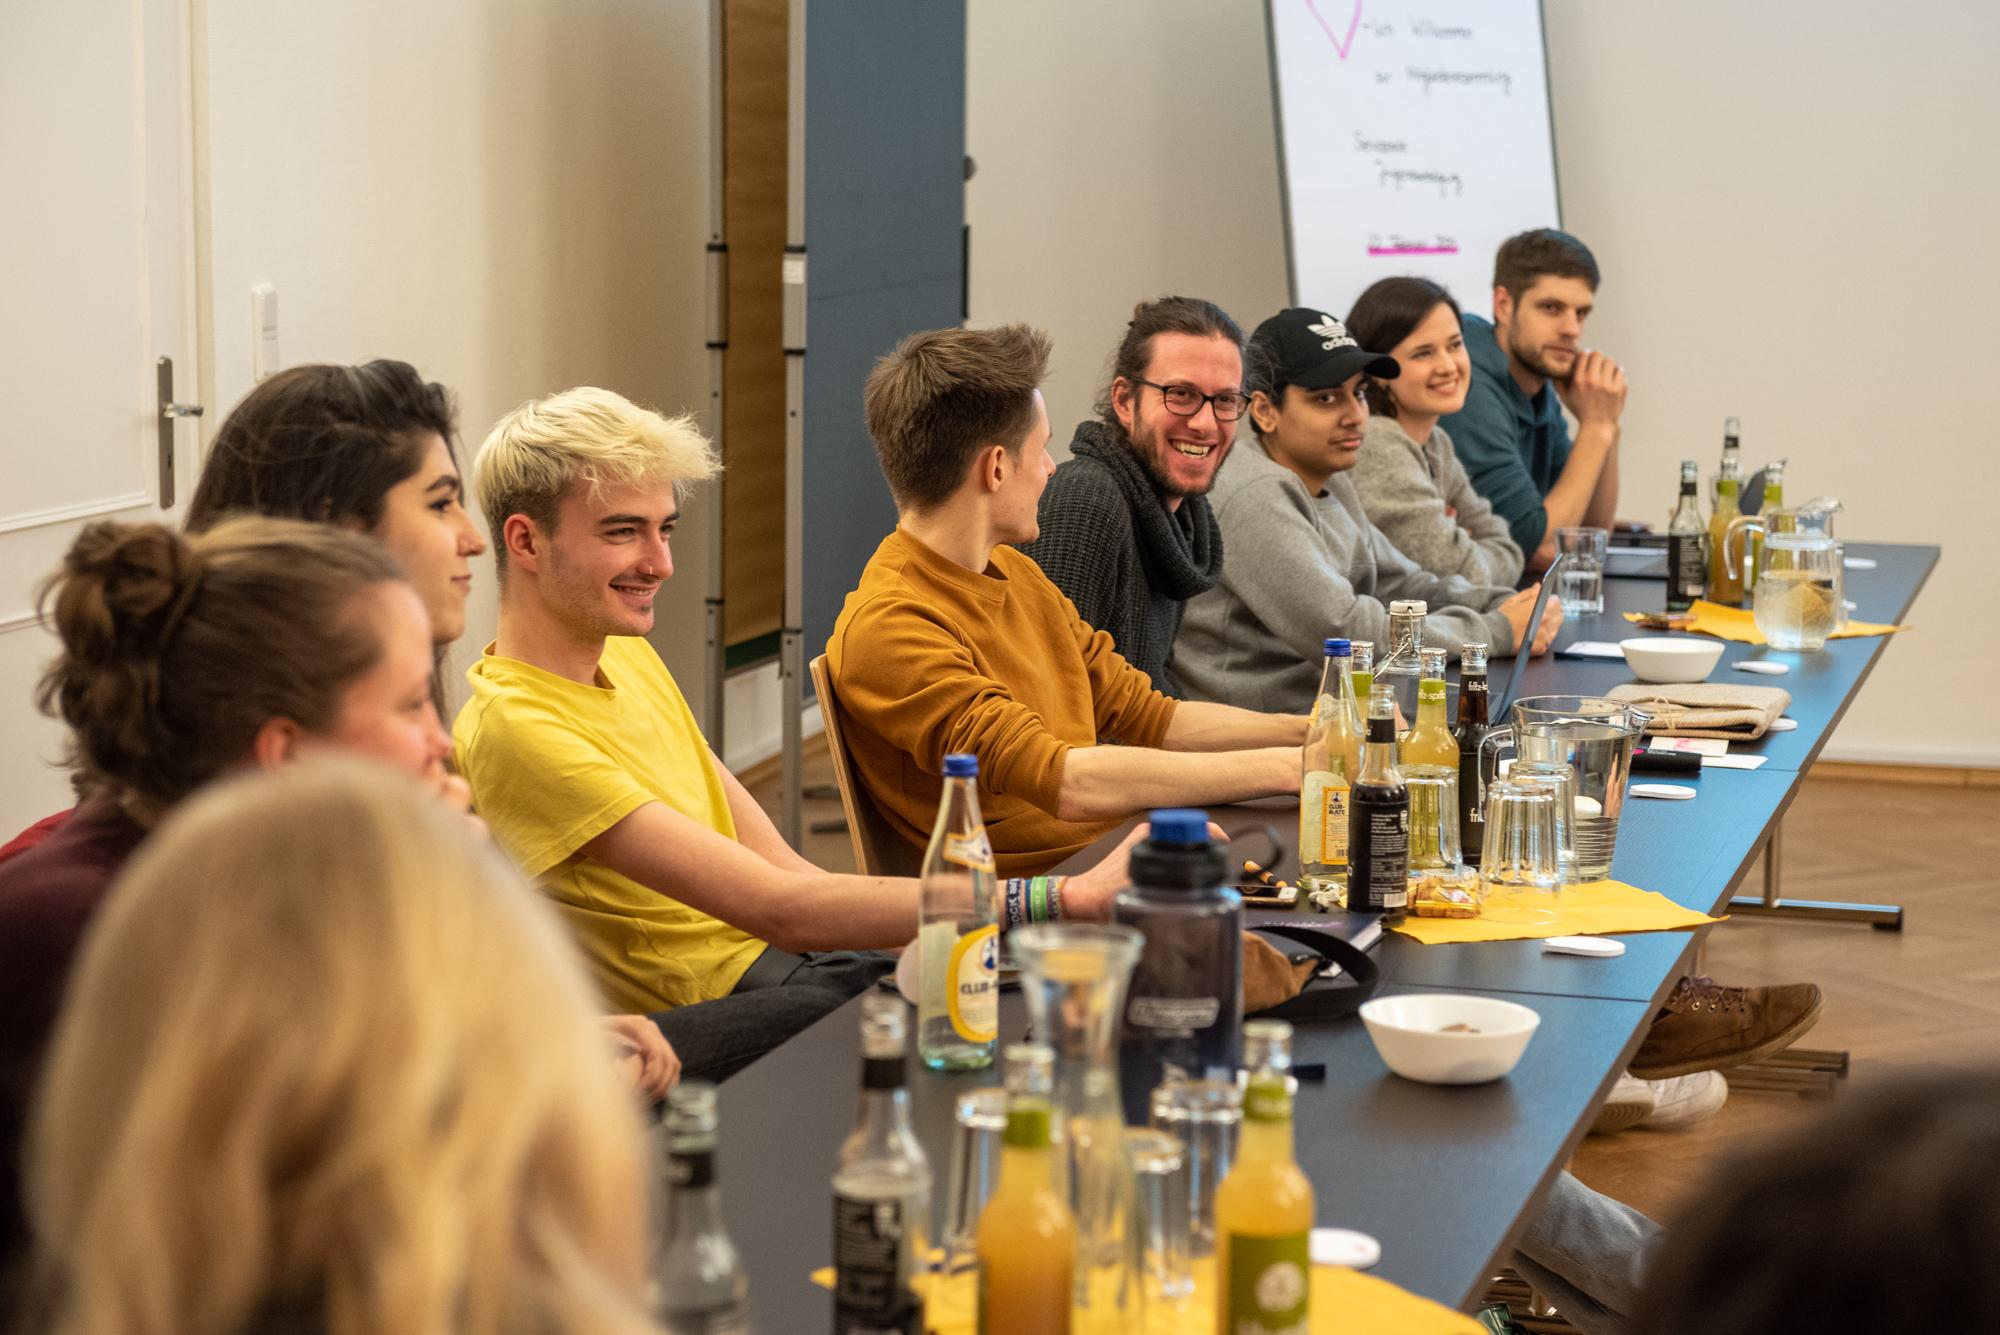 Mehrer junge Menschen sitzen an einem langen Tisch. Auf dem Tisch stehen Getränke.